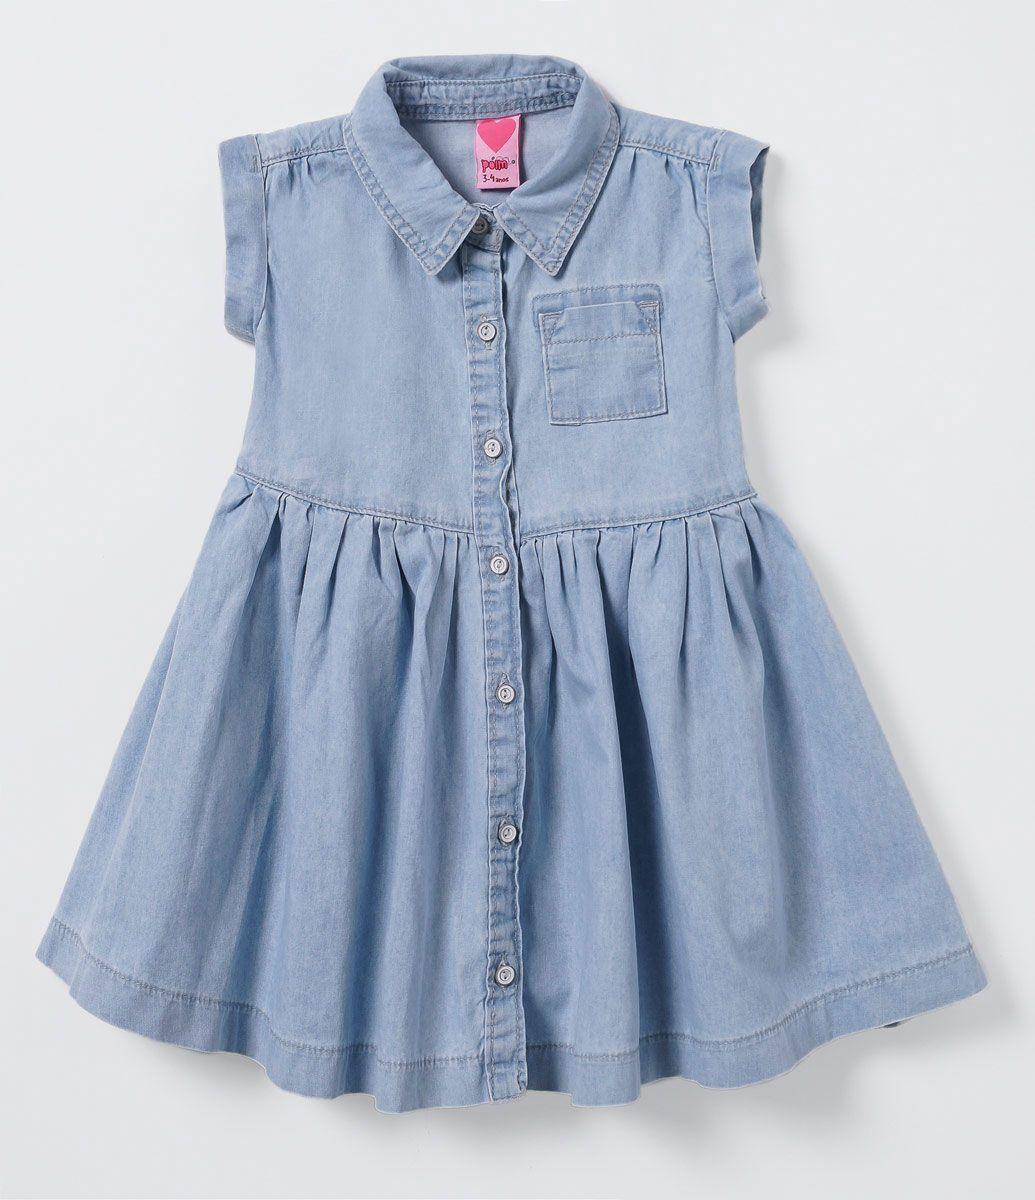 f07f89e9370d9c Vestido Infantil em Jeans - Tam 1 a 4 anos - Lojas Renner   dresses ...